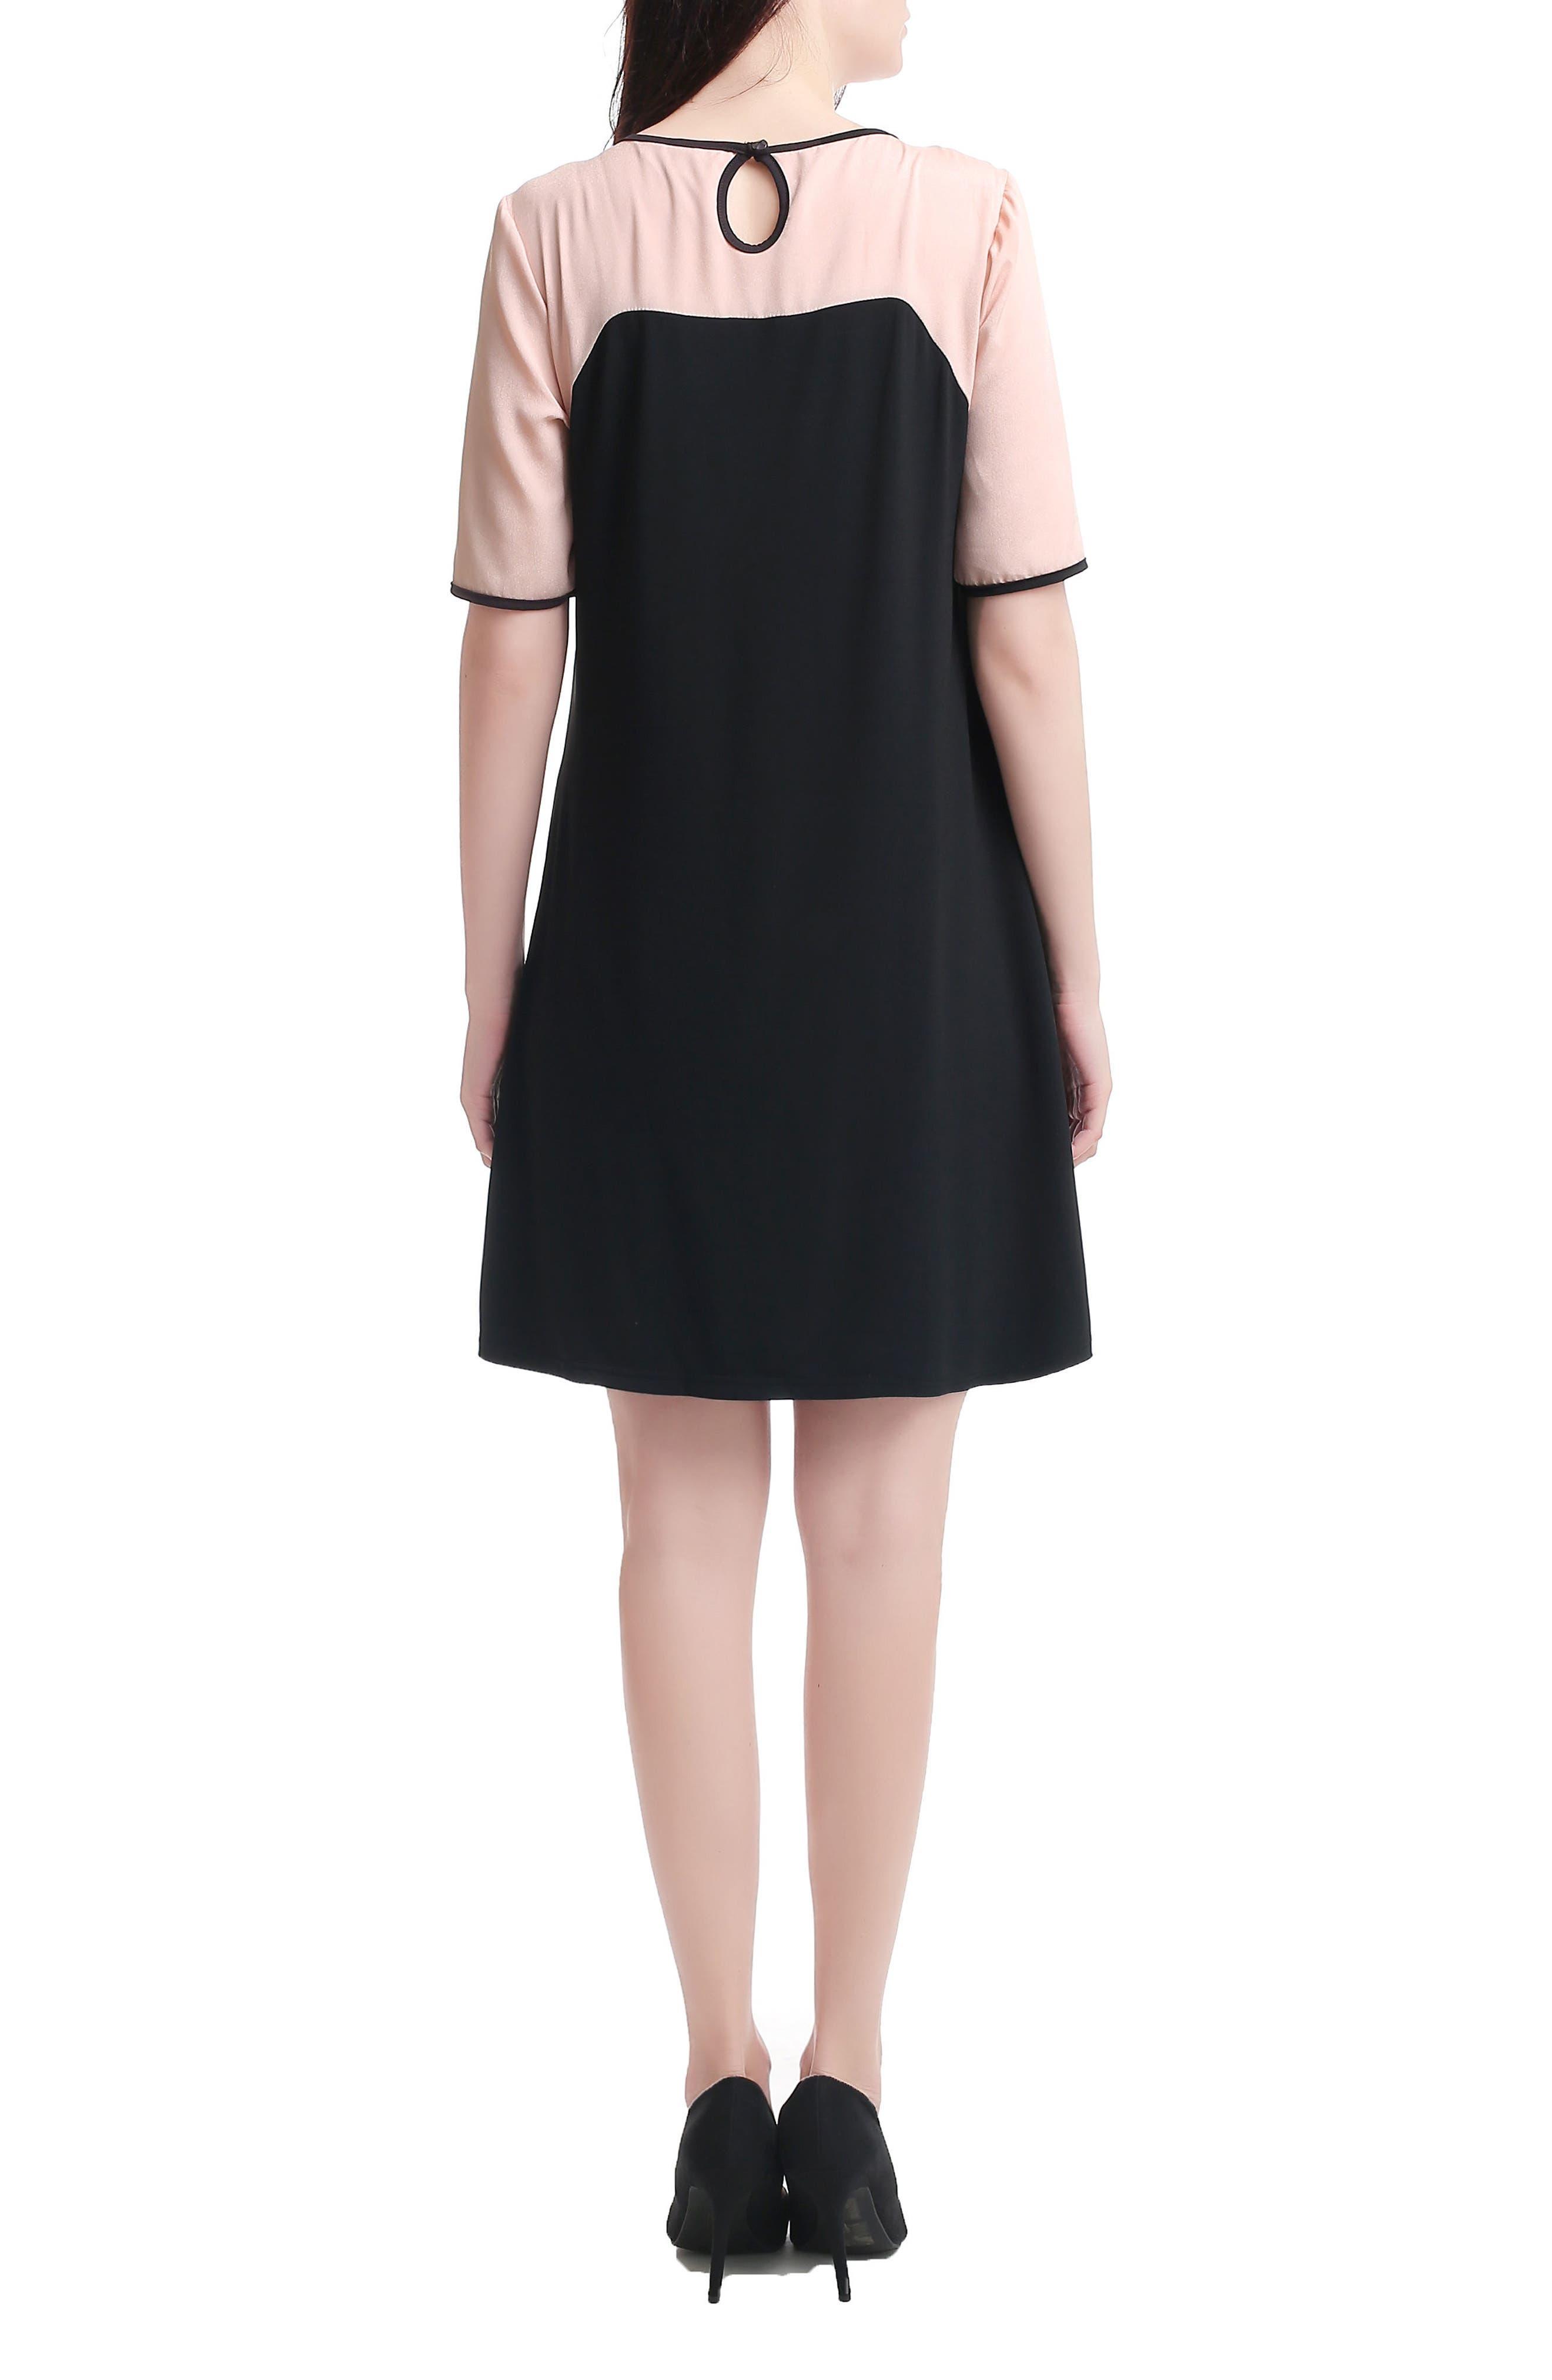 Kimi & Kai Maggie Maternity/Nursing Shift Dress,                             Alternate thumbnail 2, color,                             BLACK/ BLUSH